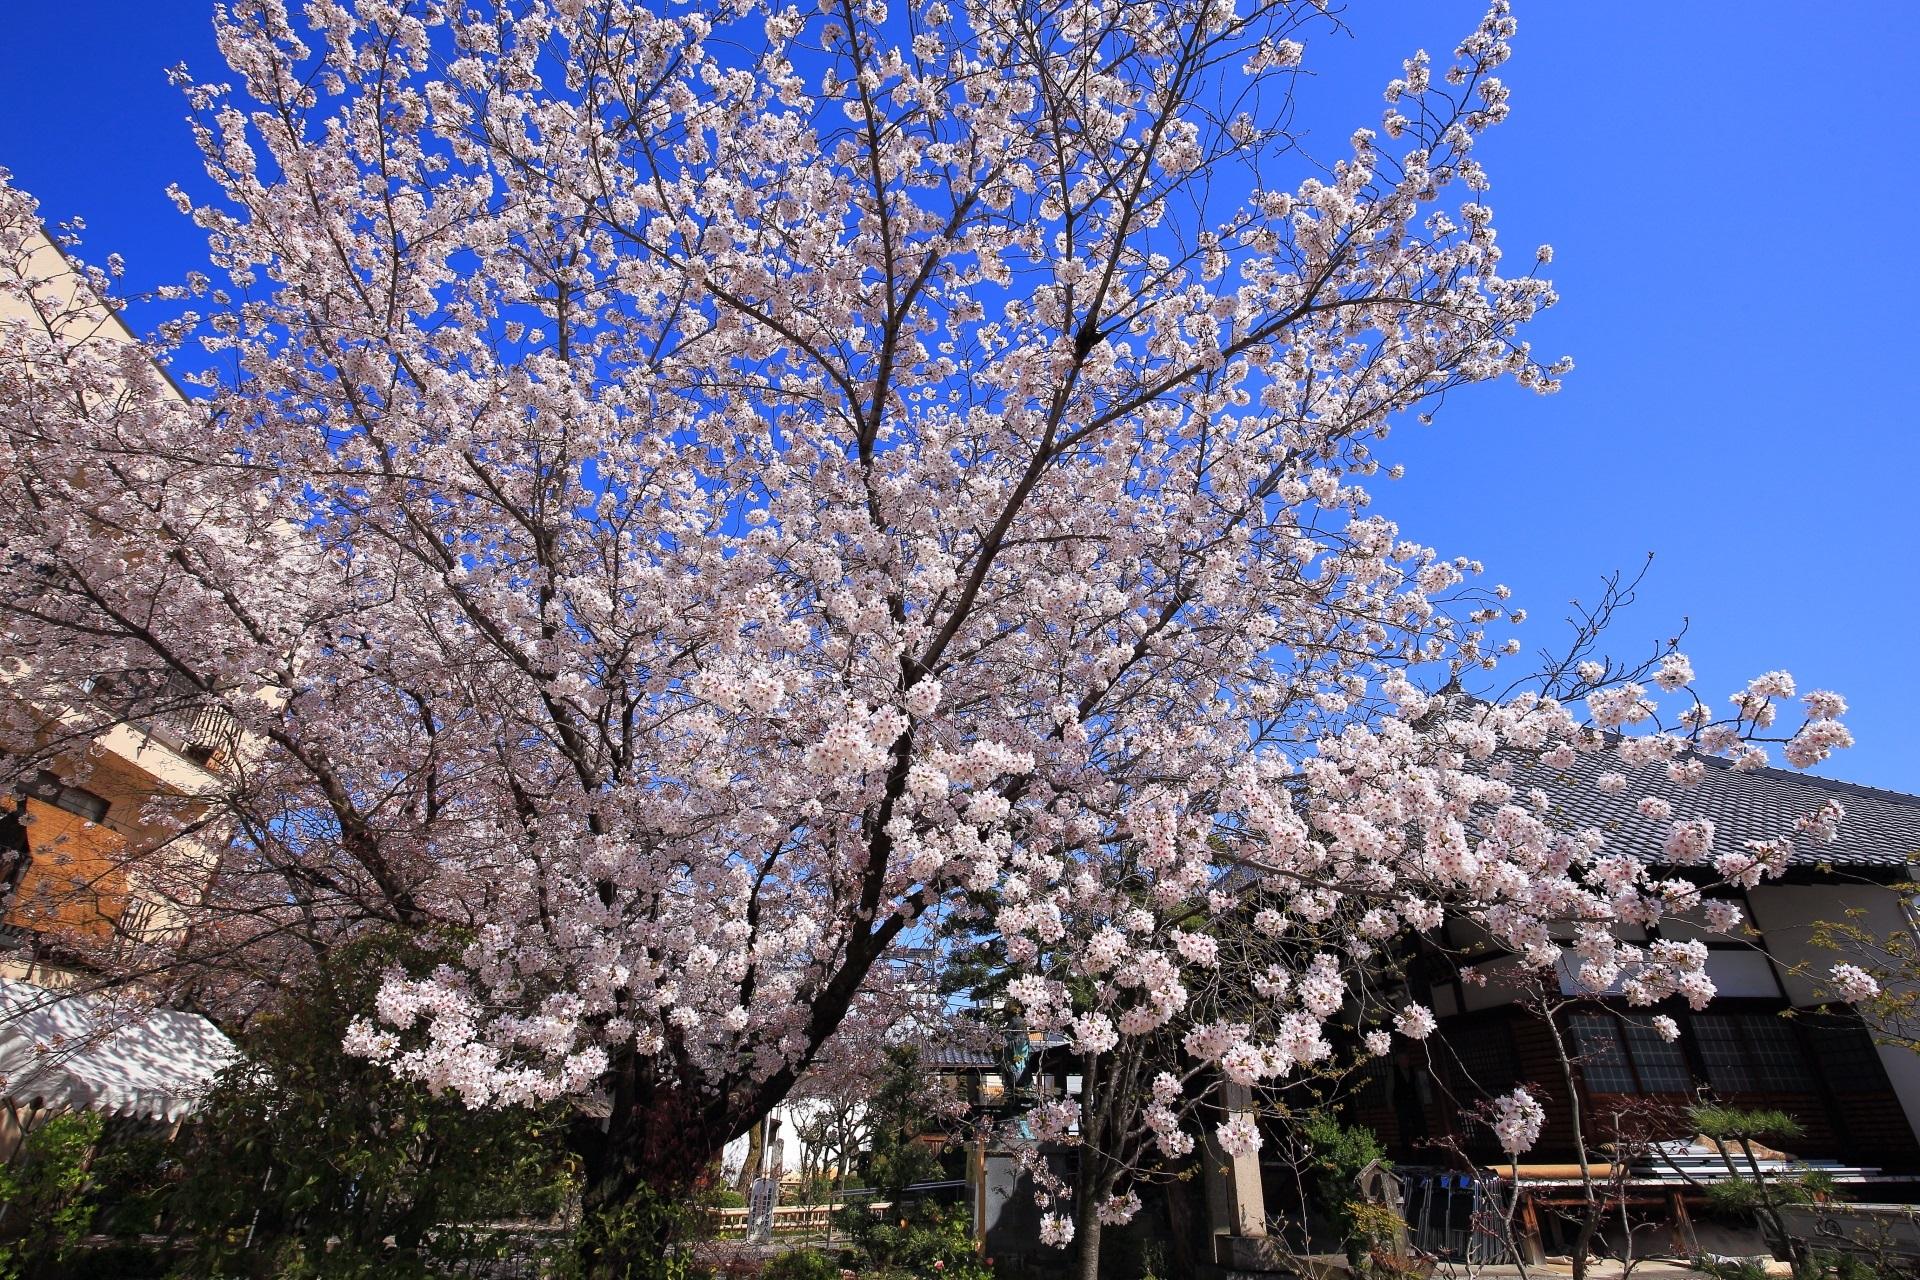 雲一つない青空の下で煌く墨染桜